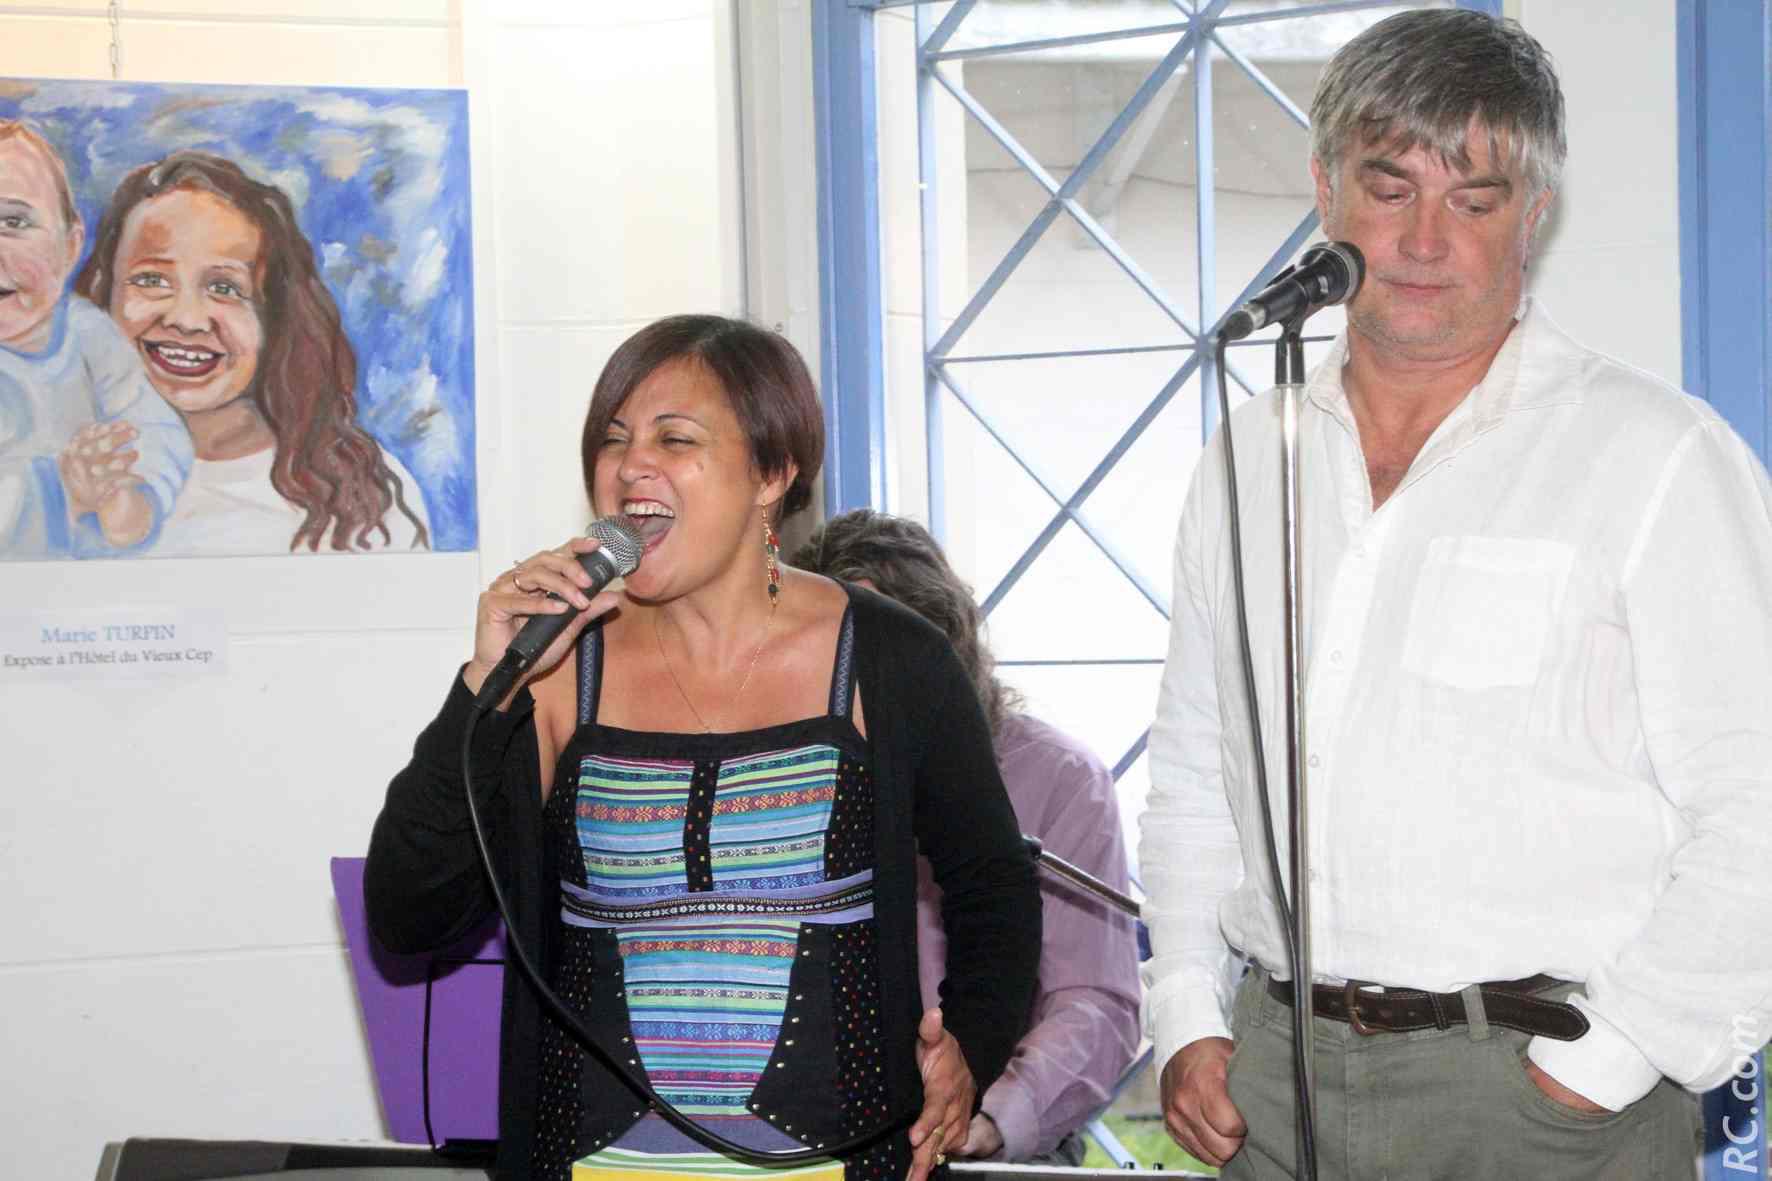 Guylène Hoarau au micro-chant pour une prestation bien applaudie.